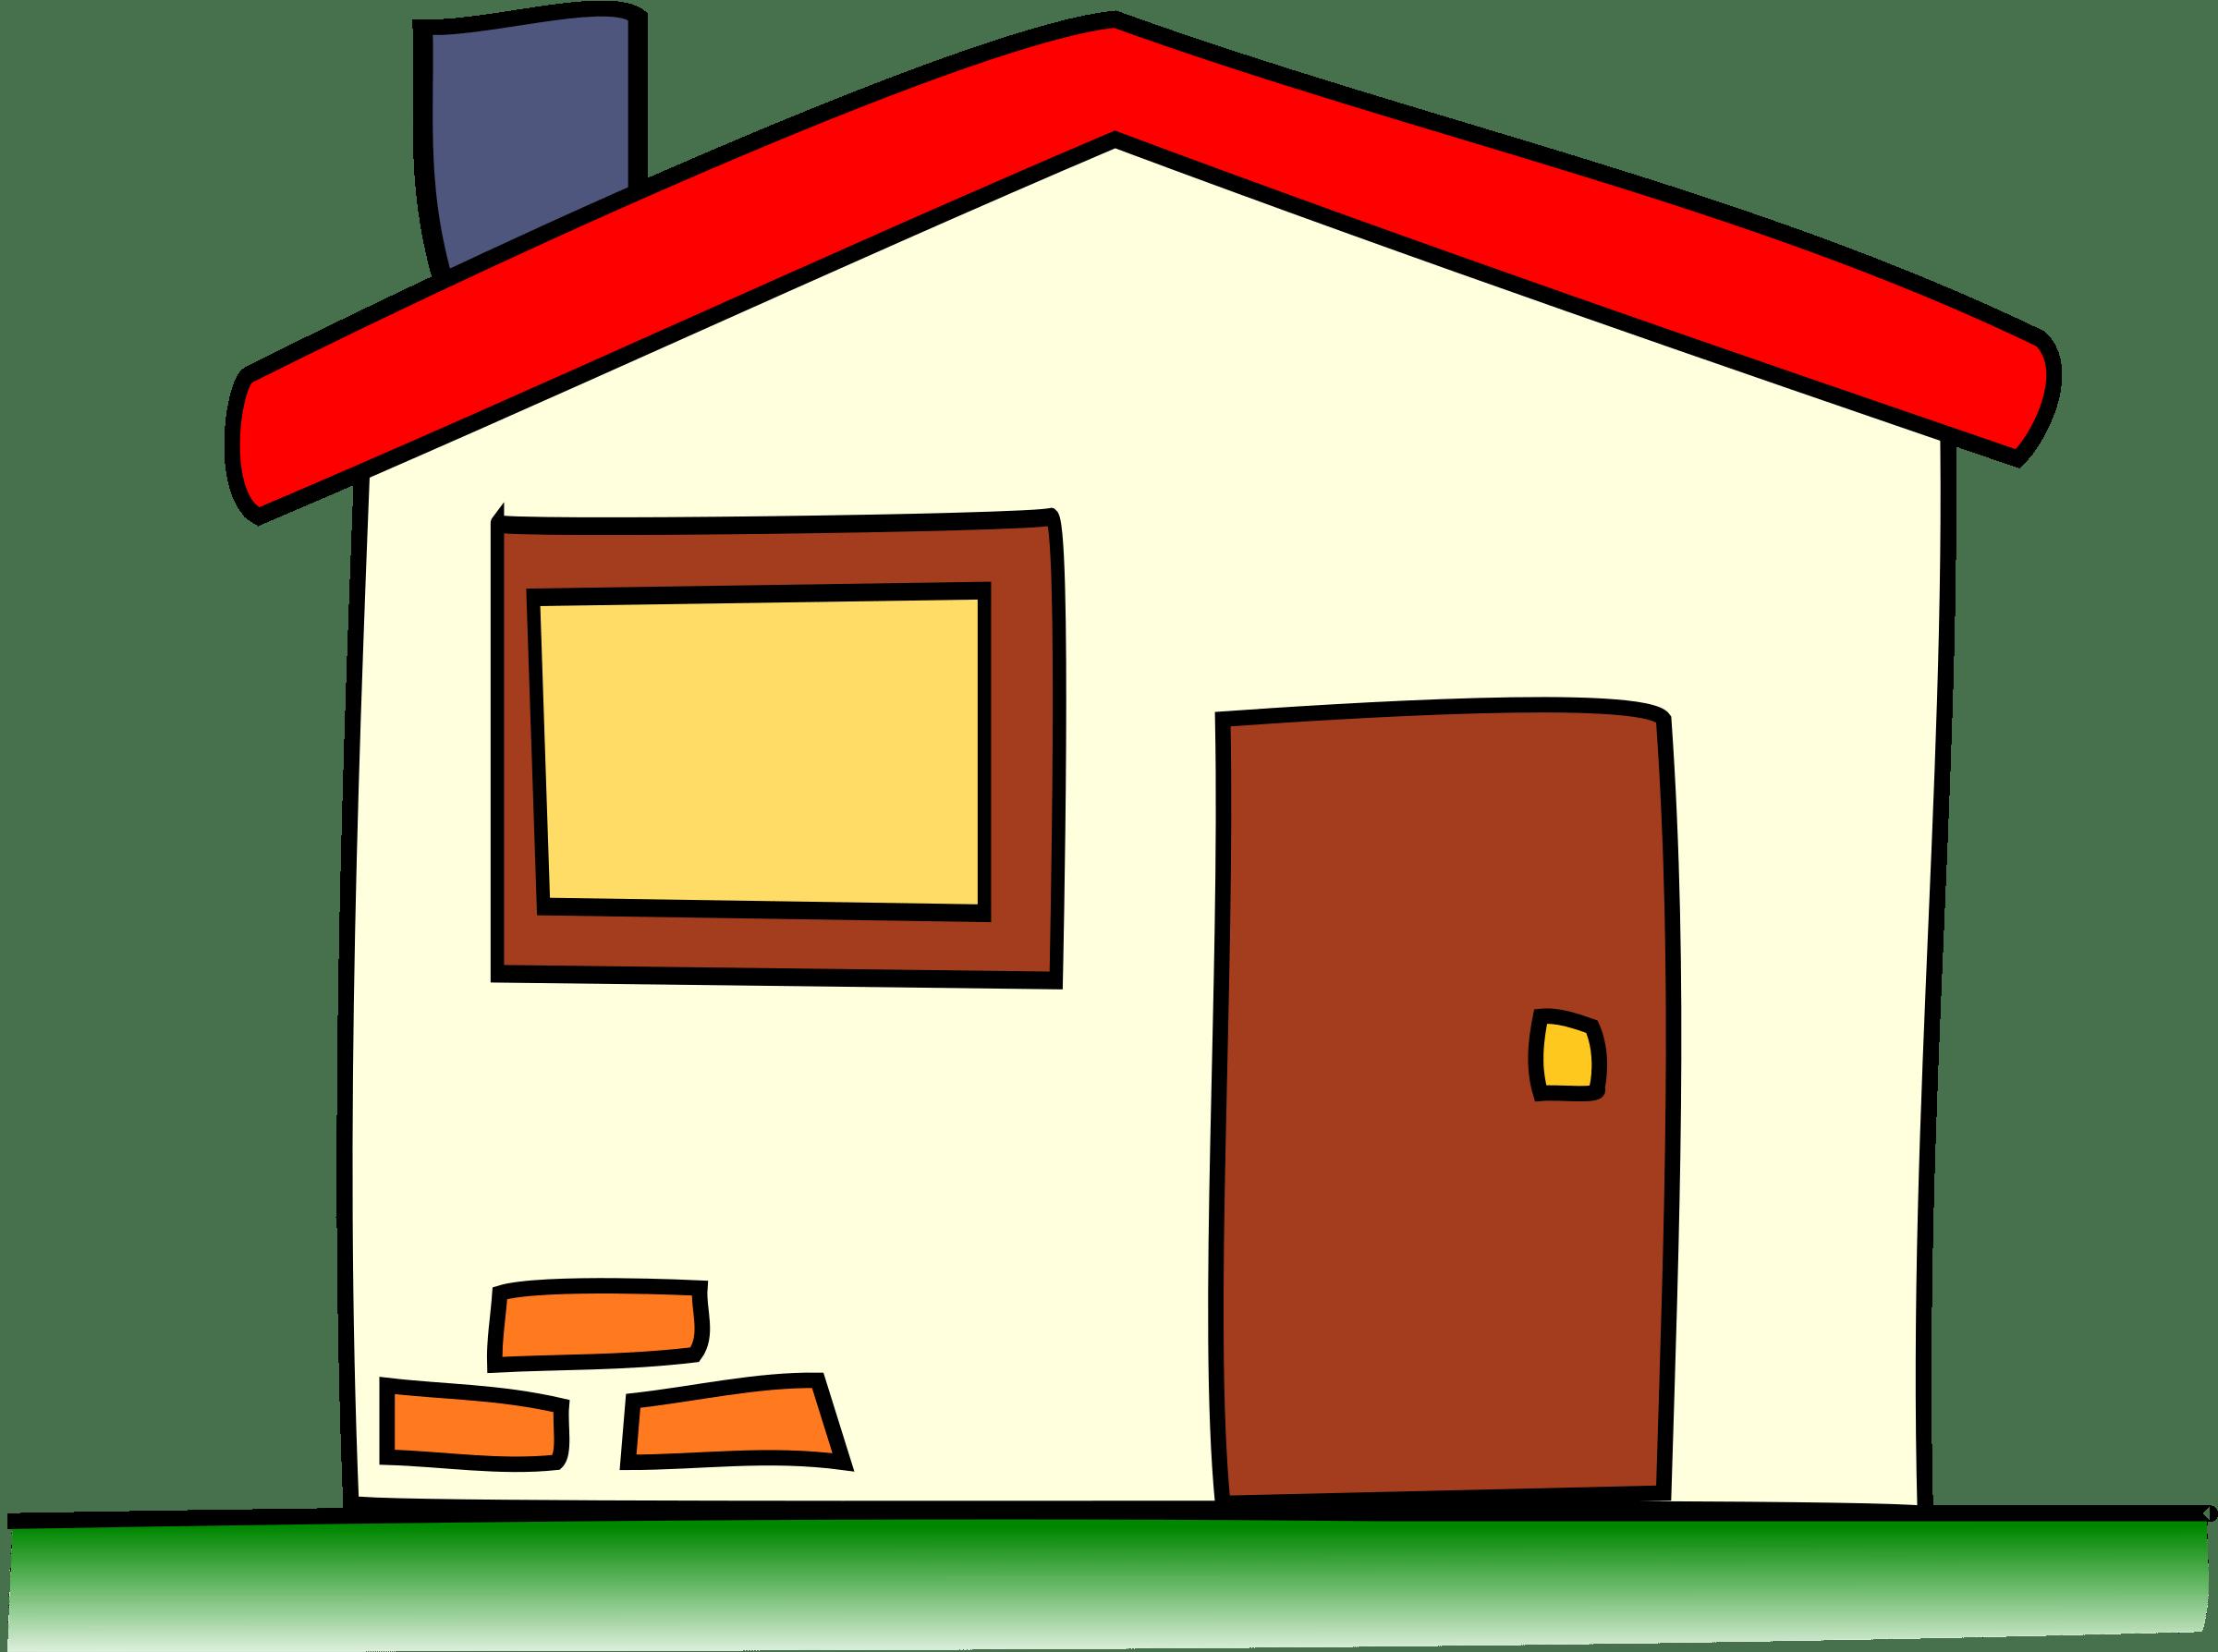 Clipart casa png 4 » Clipart Portal.